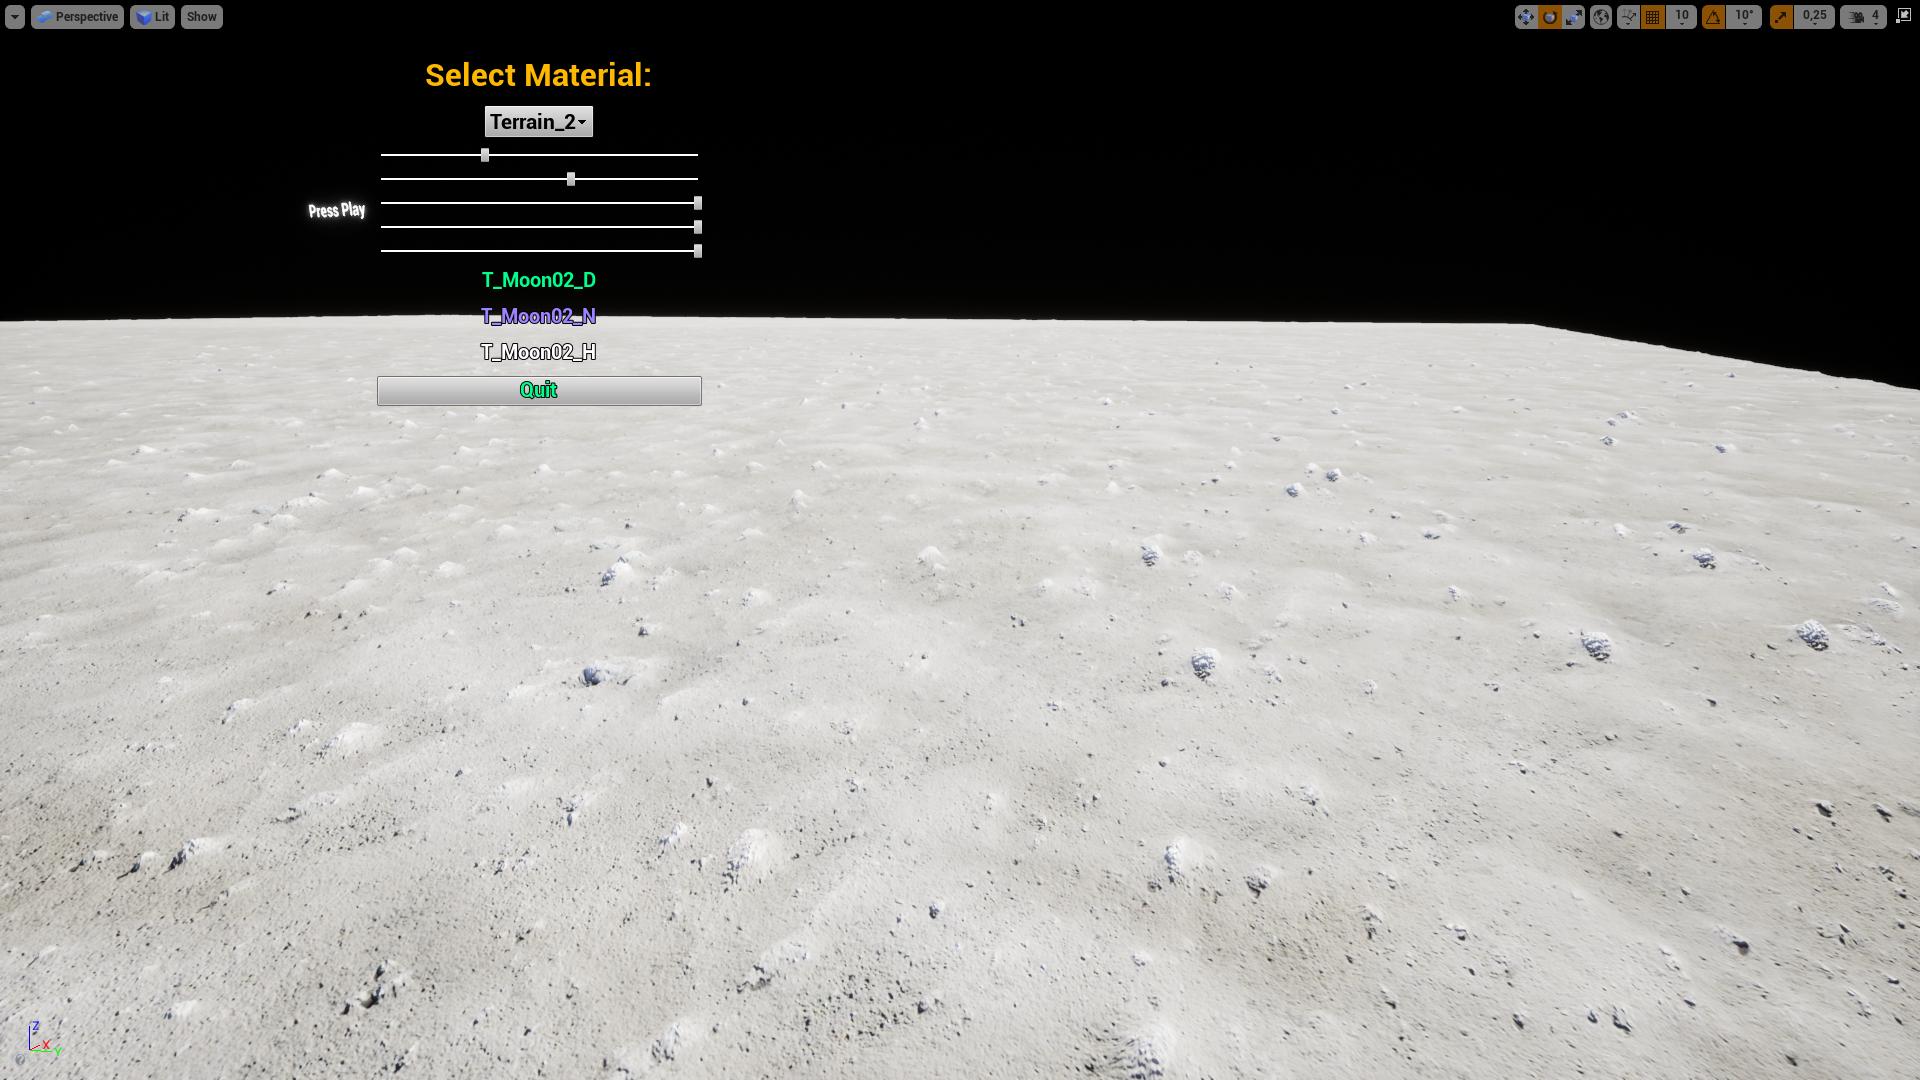 Moon Realistic Textures 4k by ZerstorenGames in Textures - UE4